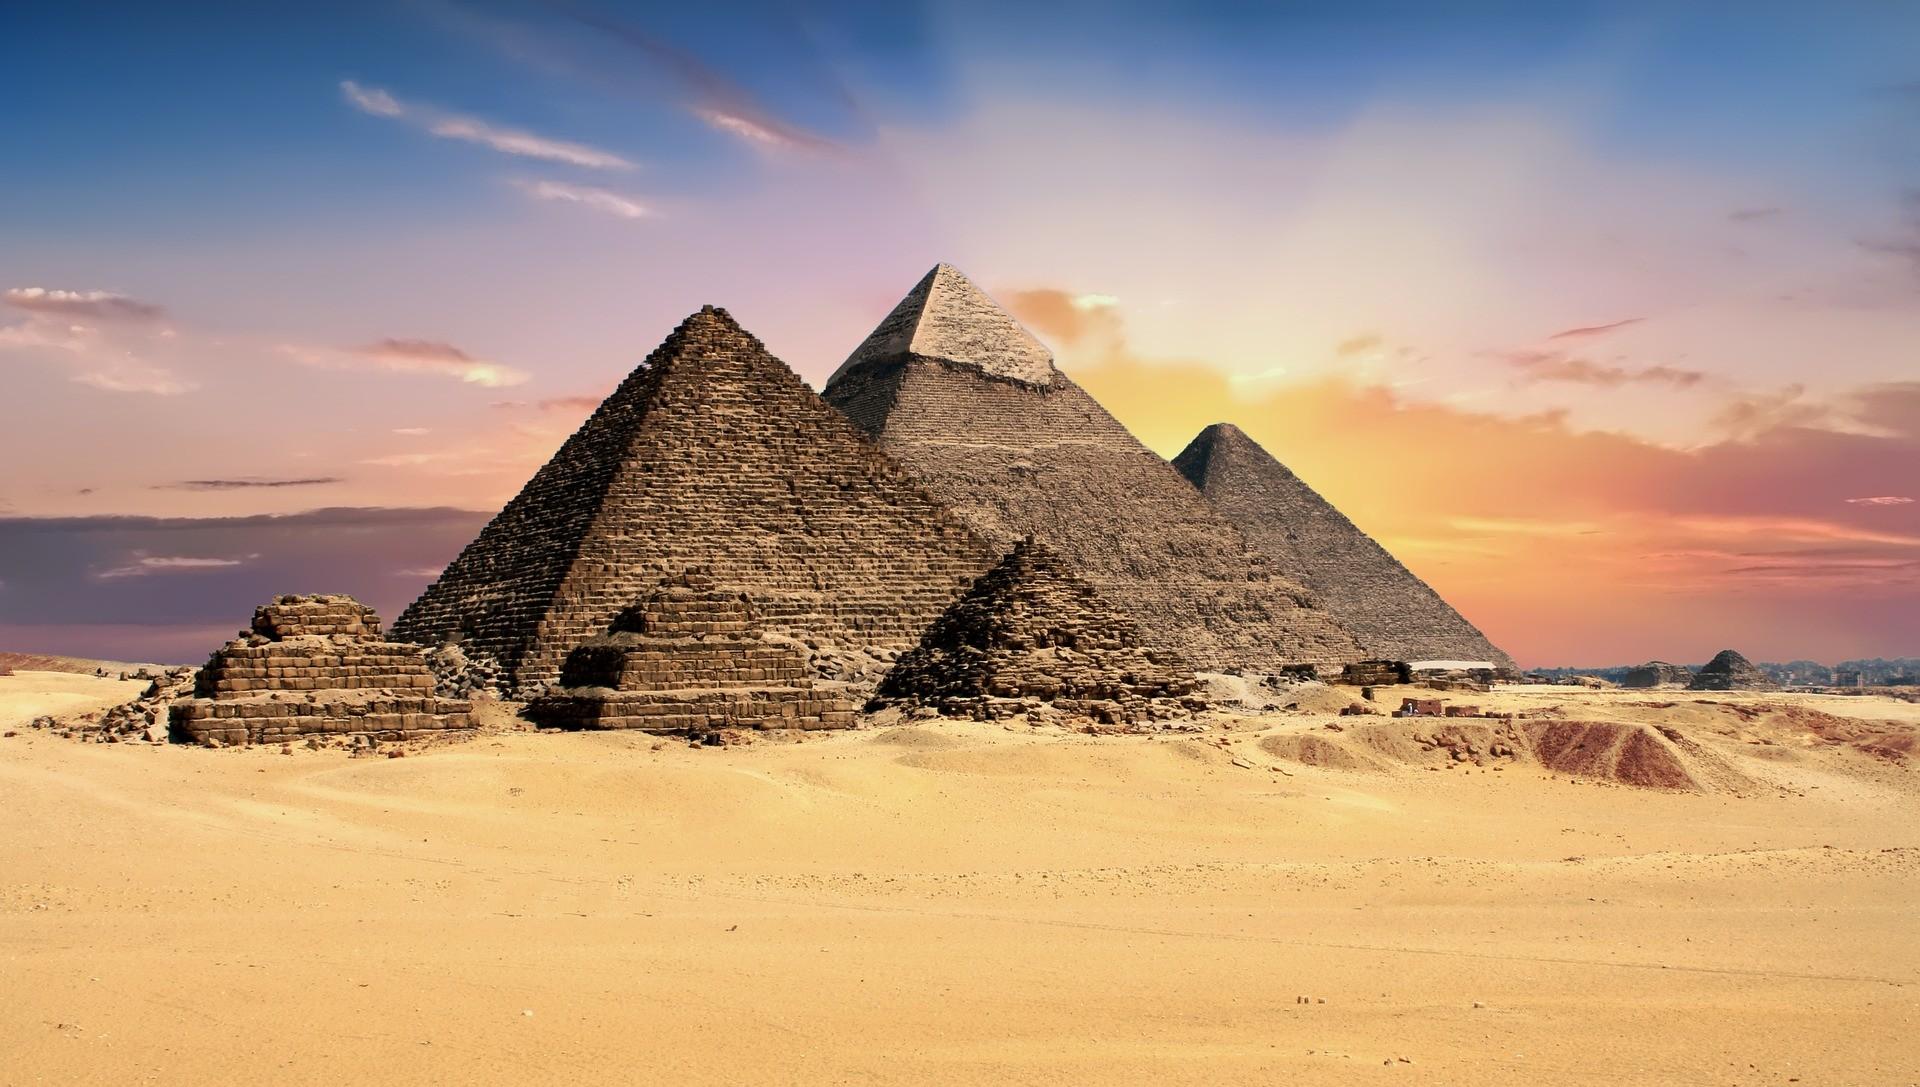 Alinhamento das pirâmides do Egito foi feito graças à utilização de um relógio solar. (Foto: Creative Commons / TheDigitalArtist)